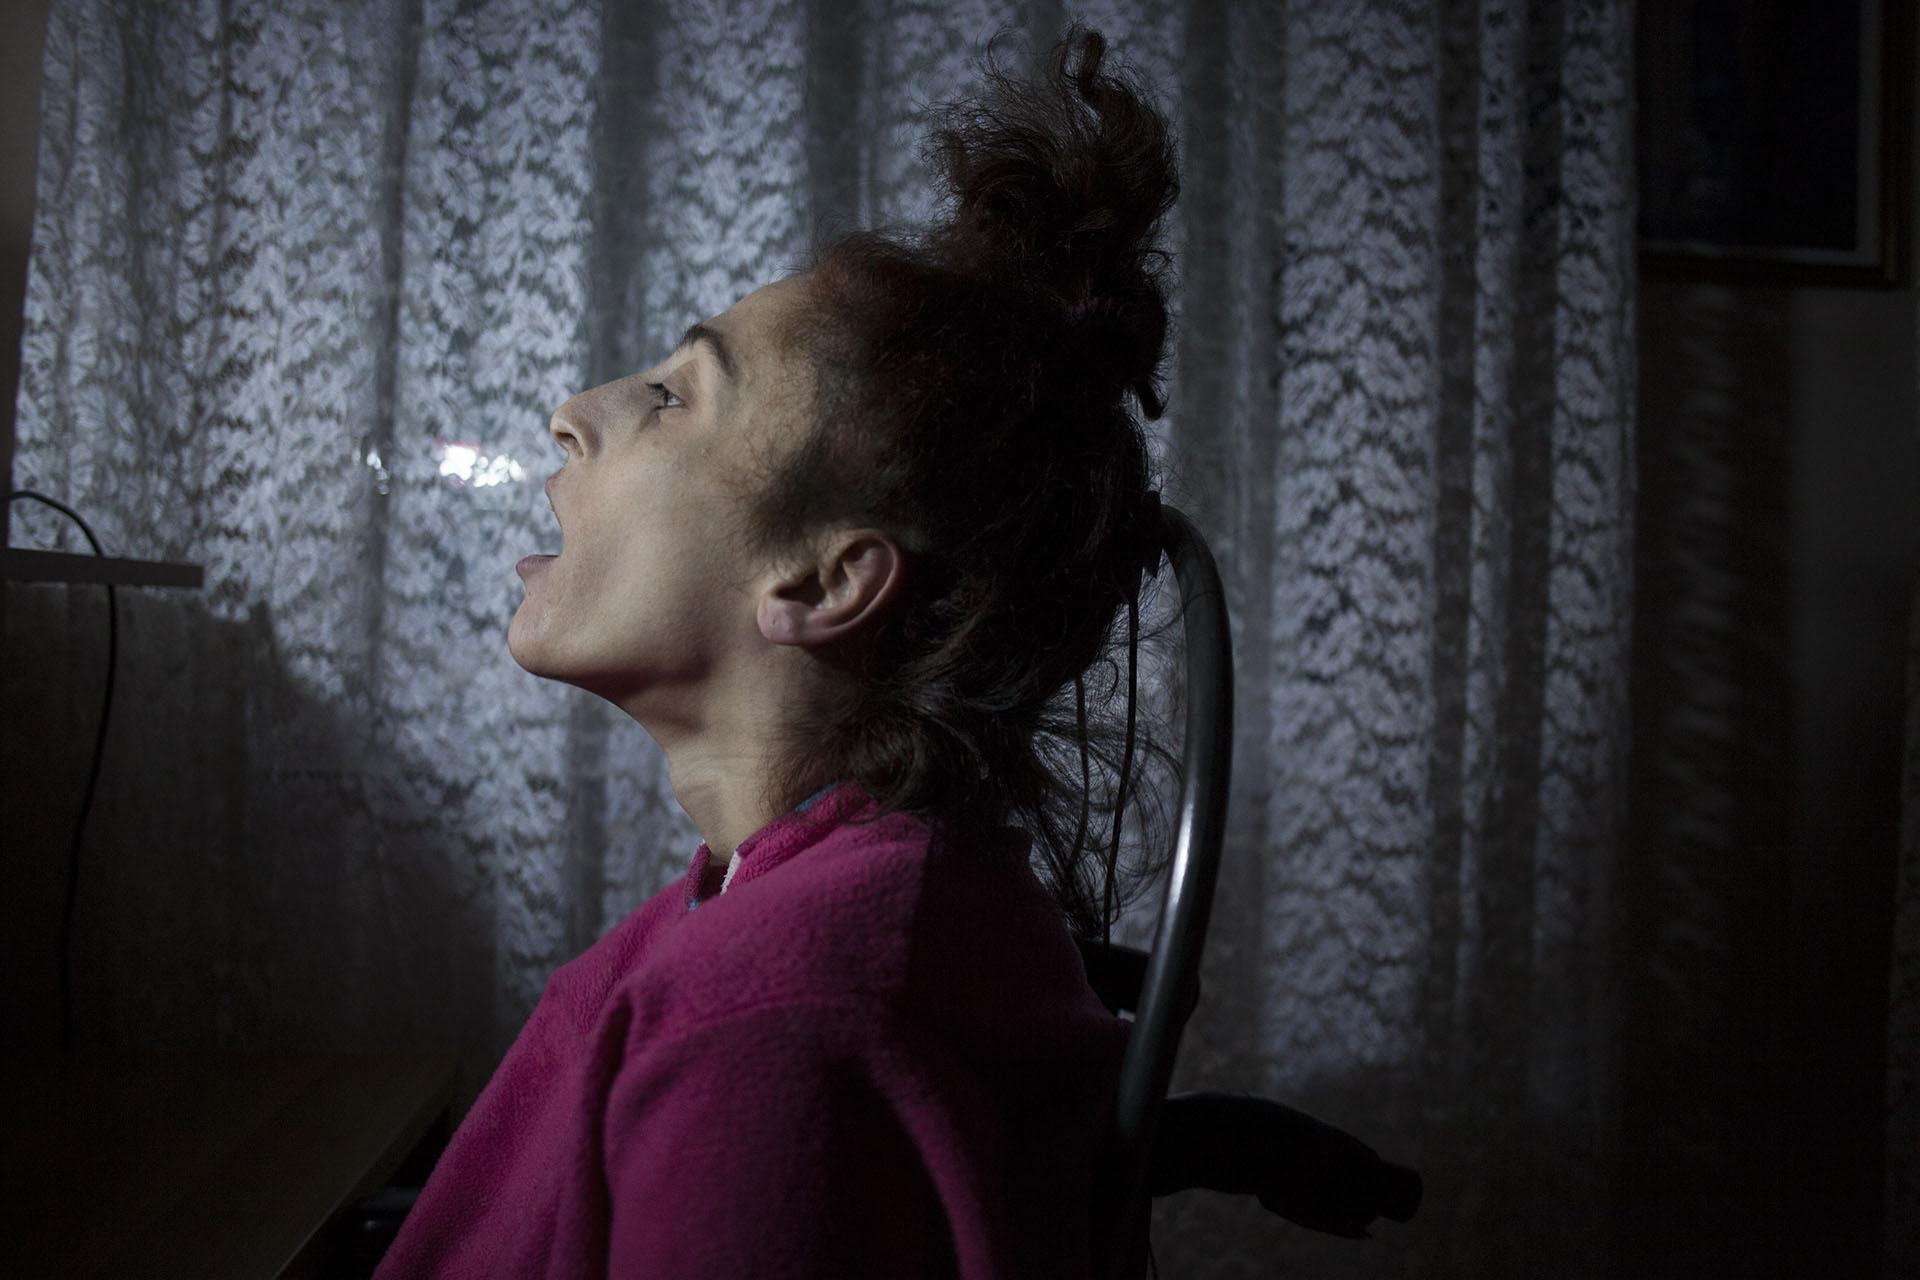 Letizia-Story-of-unseen-lives_ph_Danilo Garcia Di Meo_02